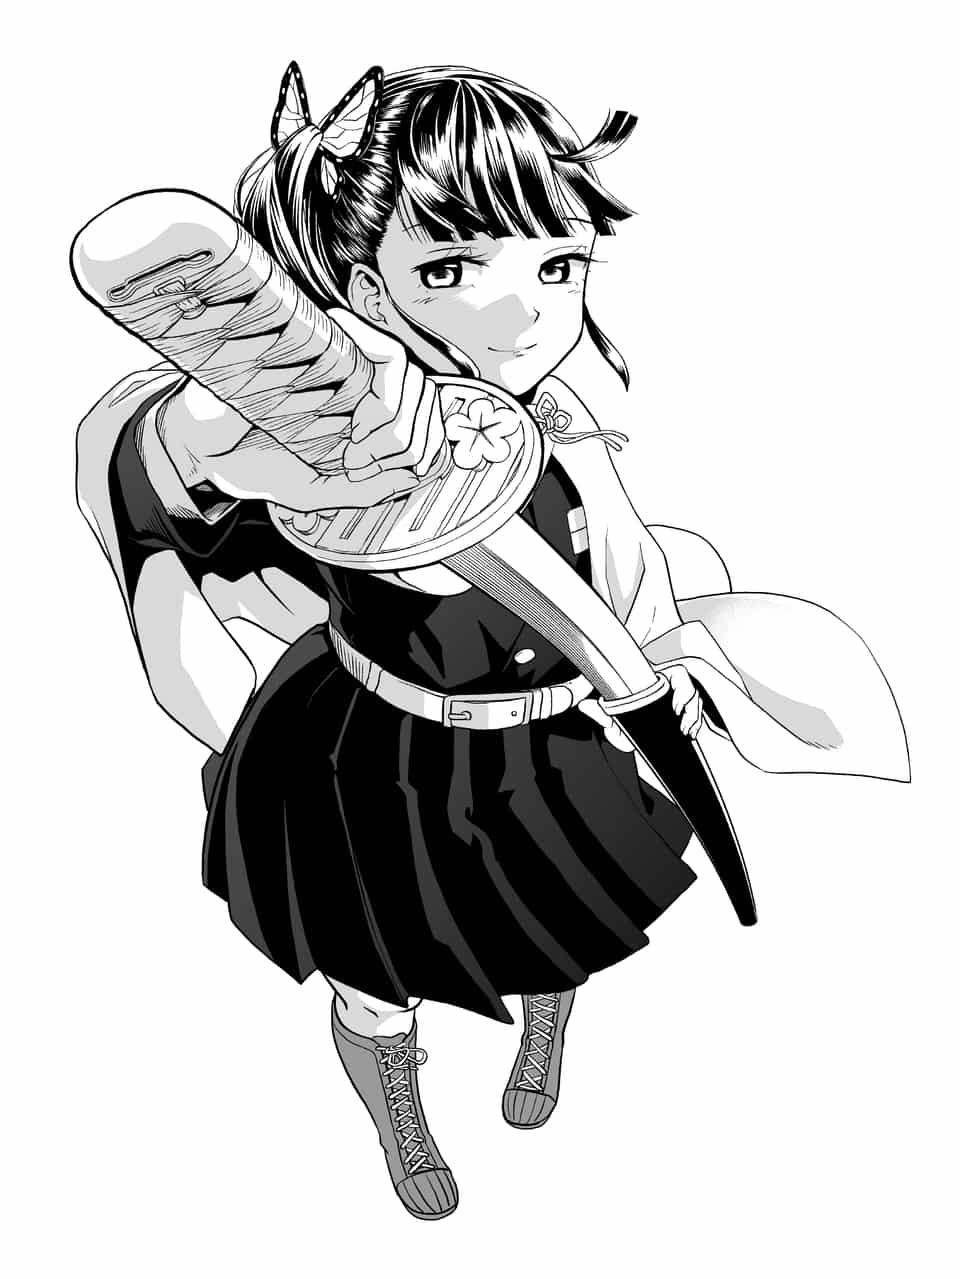 Kanao Illust of 앵무새 DemonSlayerFanartContest KimetsunoYaiba TsuyuriKanao